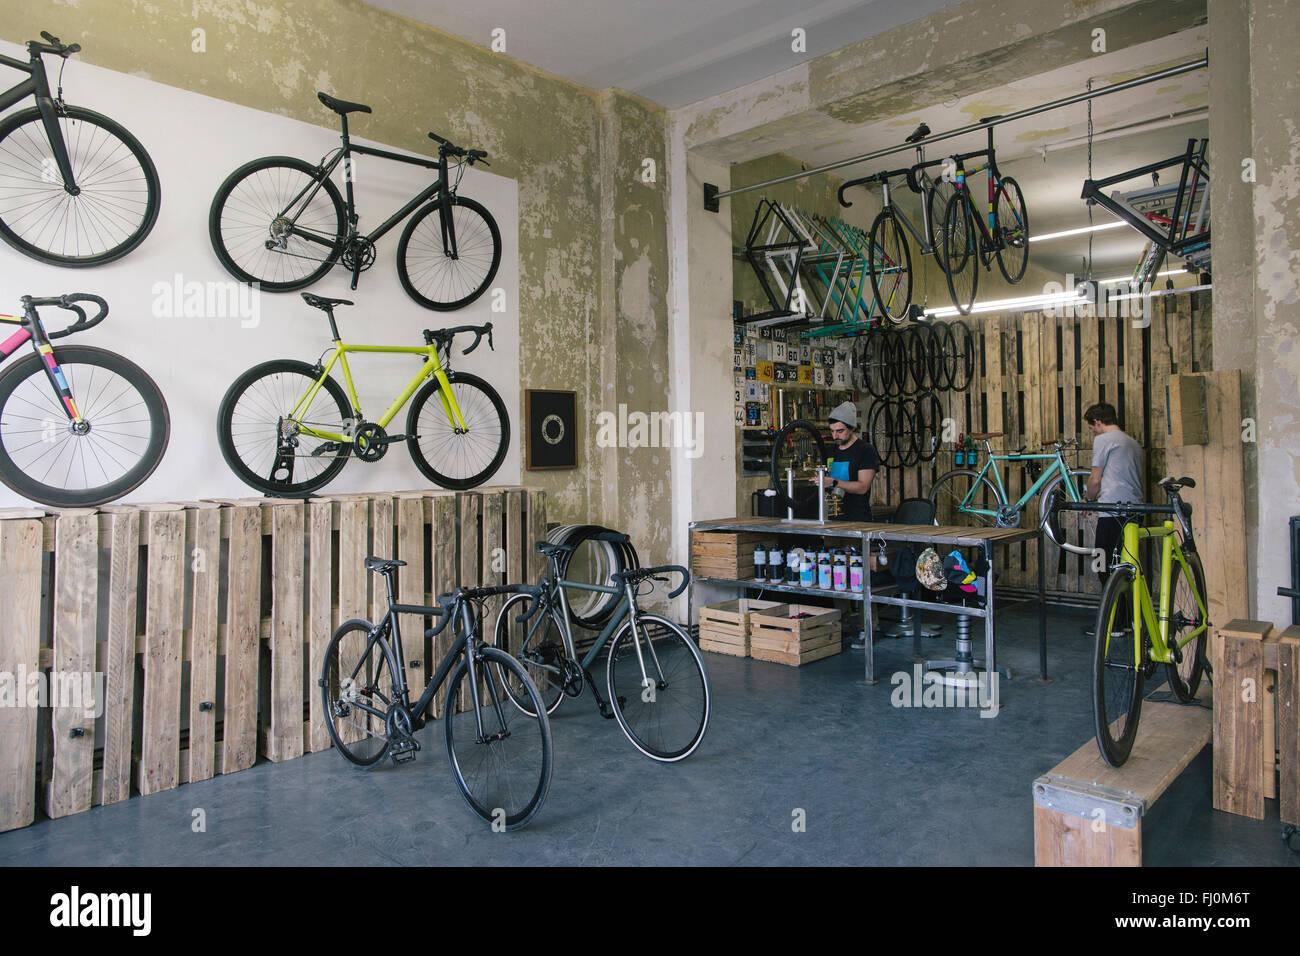 Mechaniker arbeiten in eine maßgeschneiderte Fahrradladen Stockbild